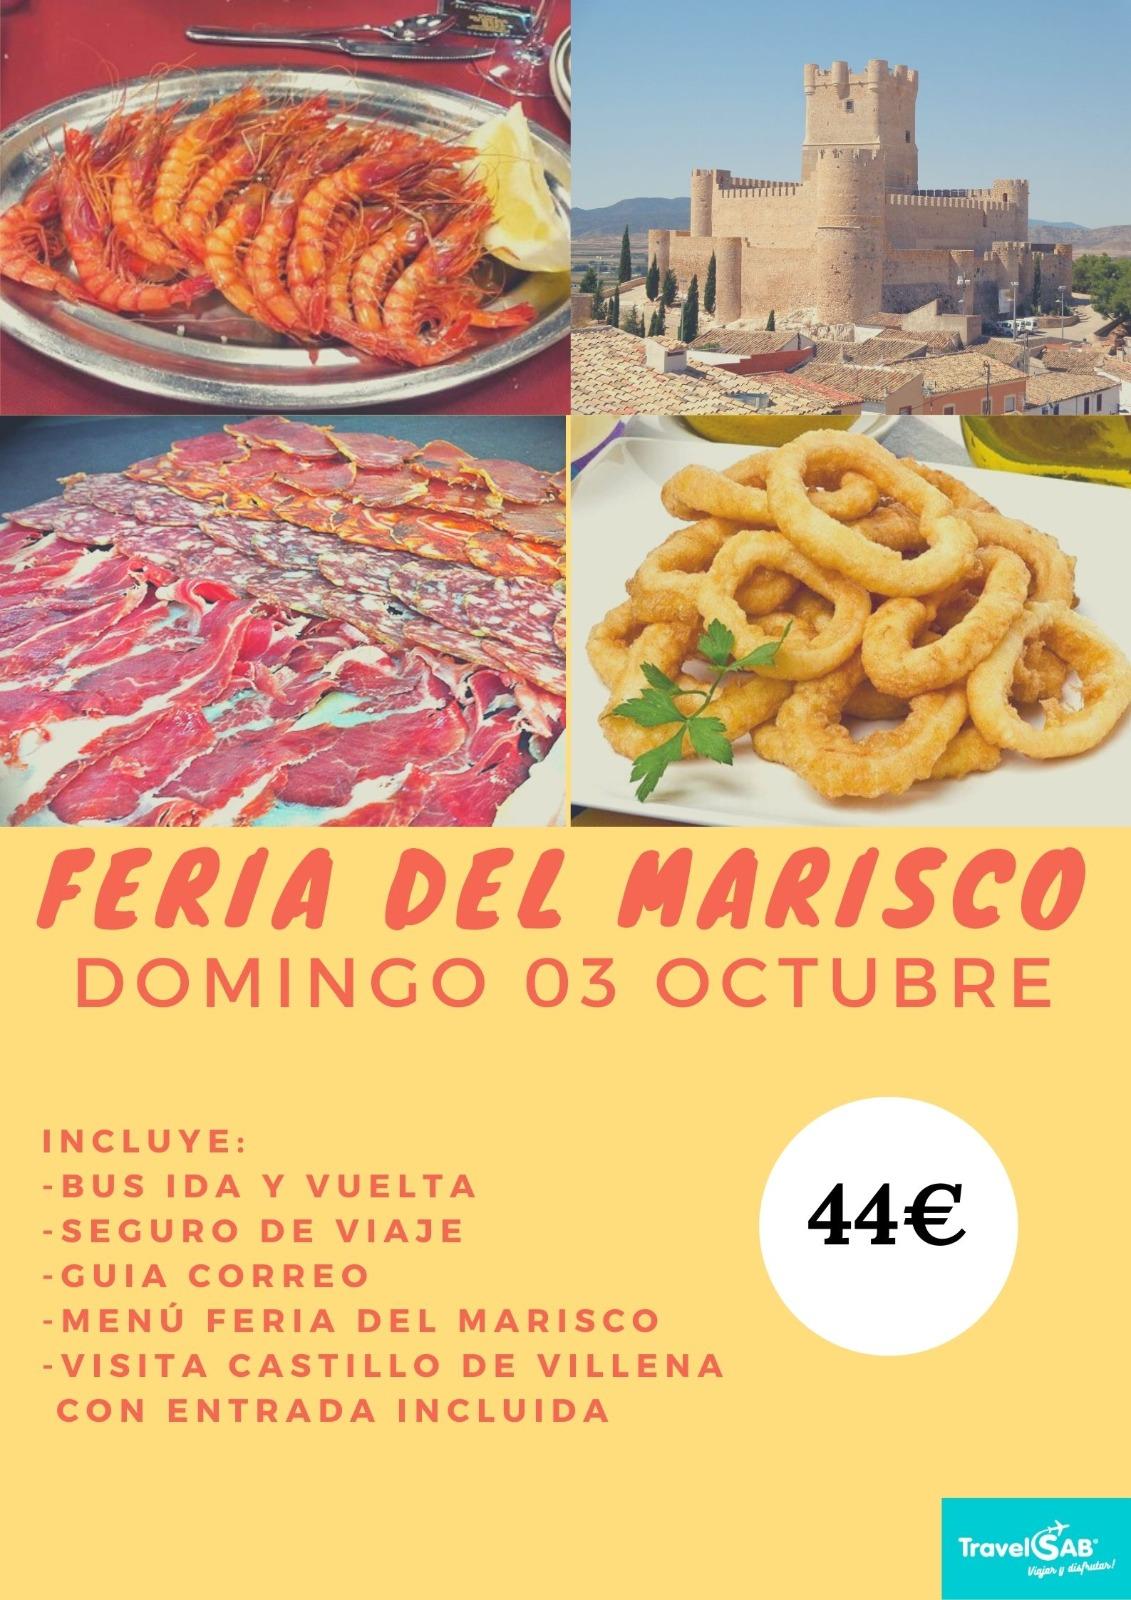 Fiesta del Marisco